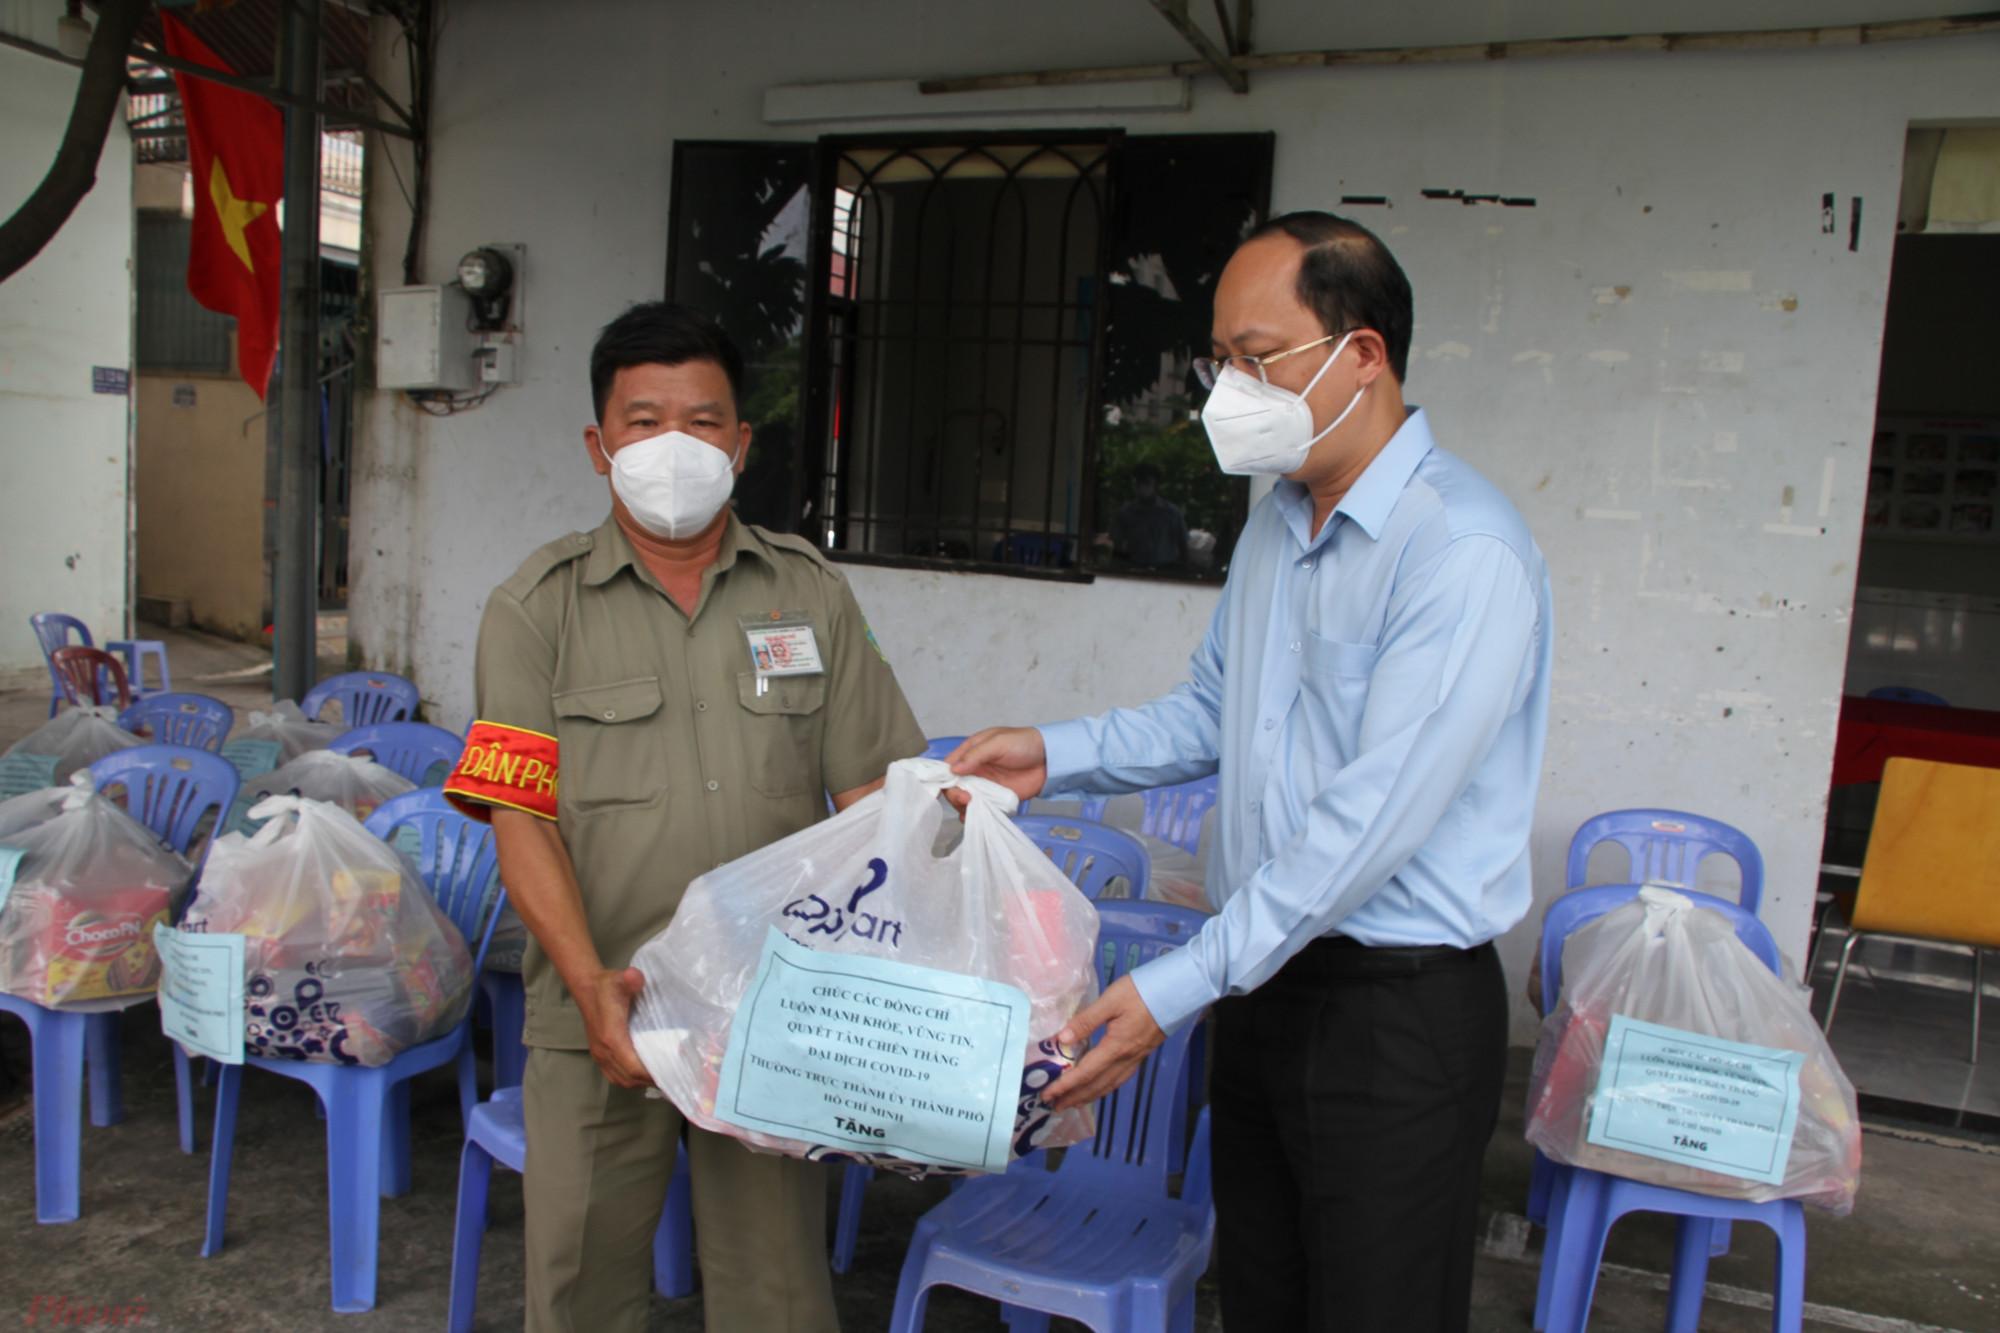 Phó bí thư Thành ủy Nguyễn Hồ Hải trao quà cho lực lượng trực chốt bảo vệ vùng xanh KP,1, phường 15, quận Tân Bình, TPHCM